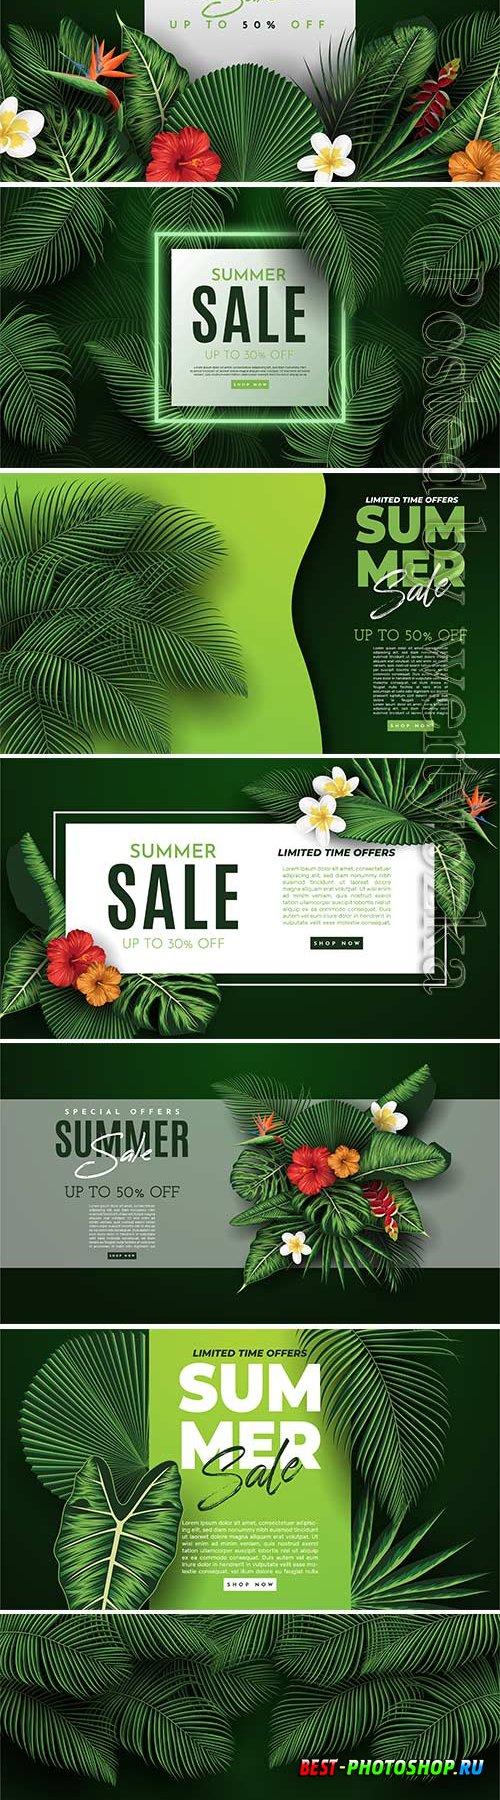 Summer sale vector banner in vector